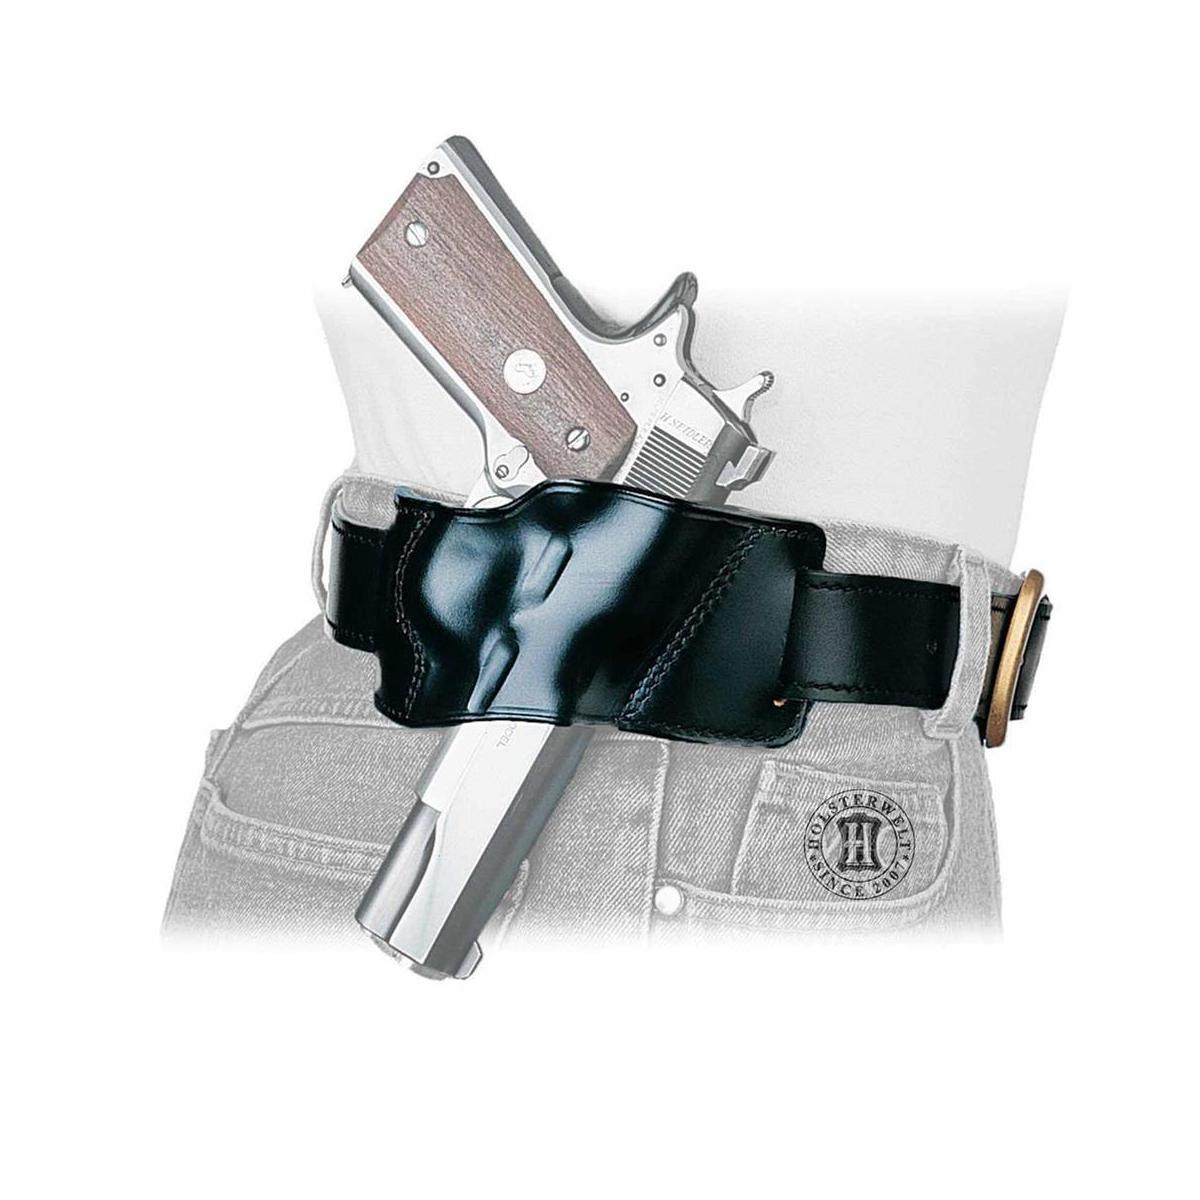 Schnellziehholster YAQUI Rechtshänder Schwarz SIG SAUER P230